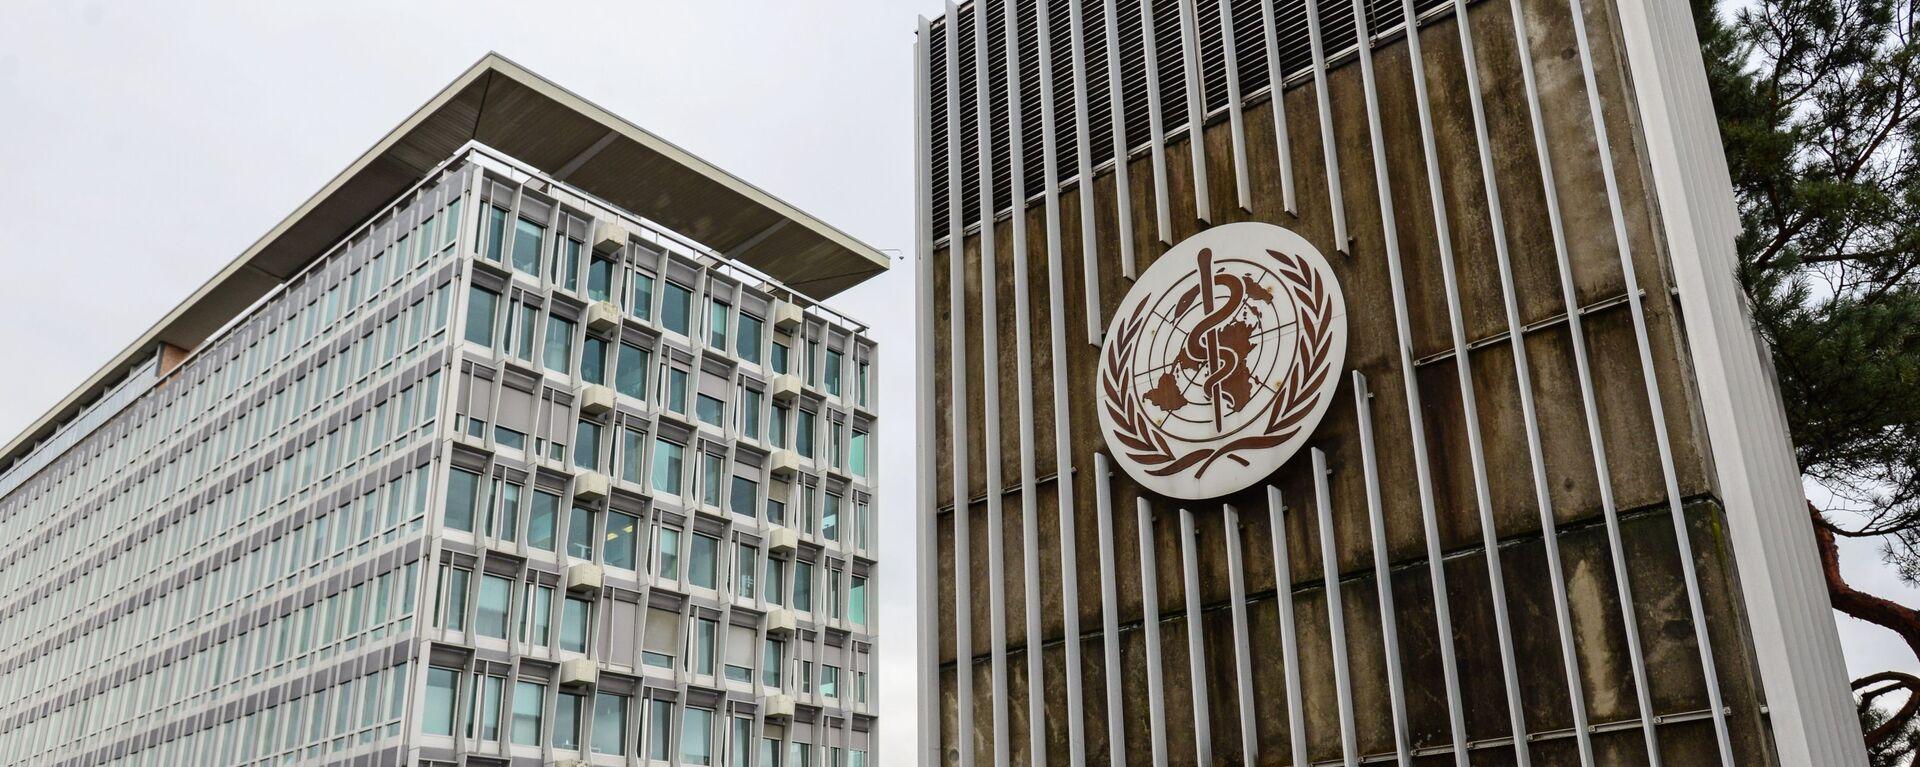 Здание штаб-квартиры Всемирной организации здравоохранения в Женеве - Sputnik Беларусь, 1920, 17.02.2021